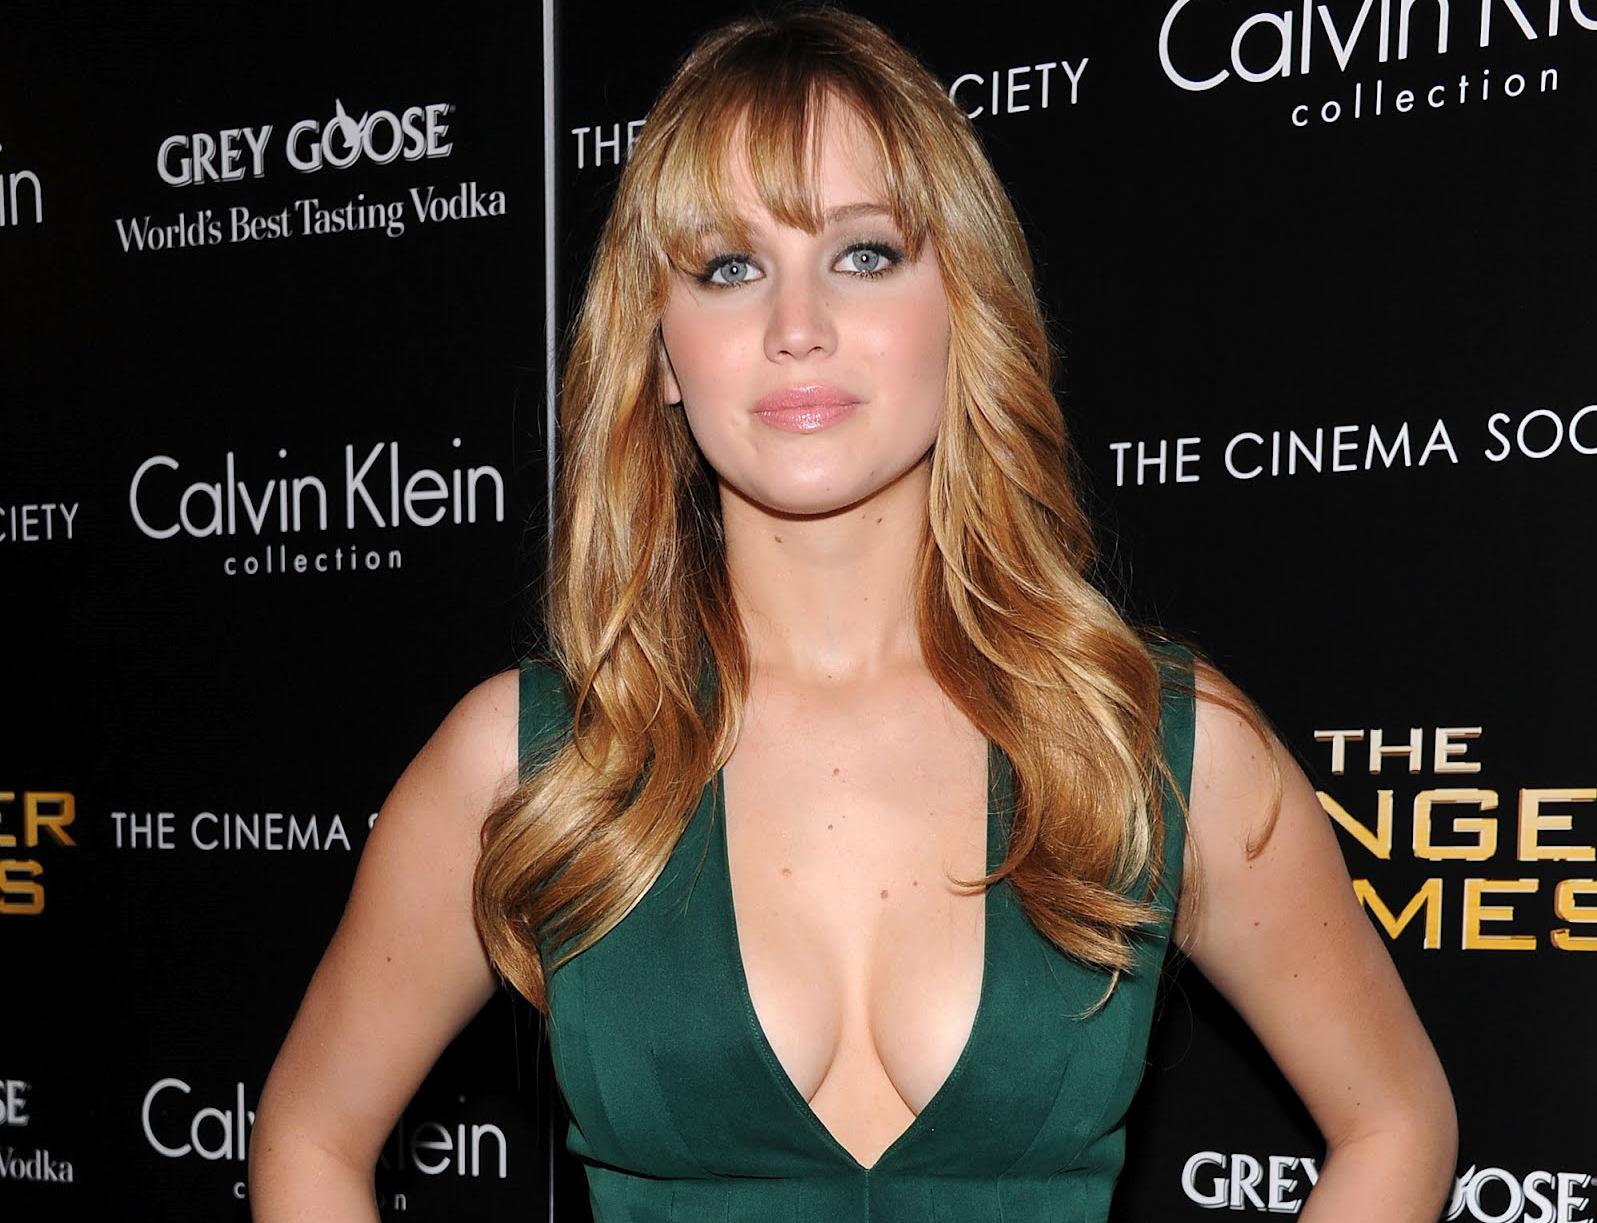 Plusieurs stars au coeur du scandale : des photos d'elles nues !